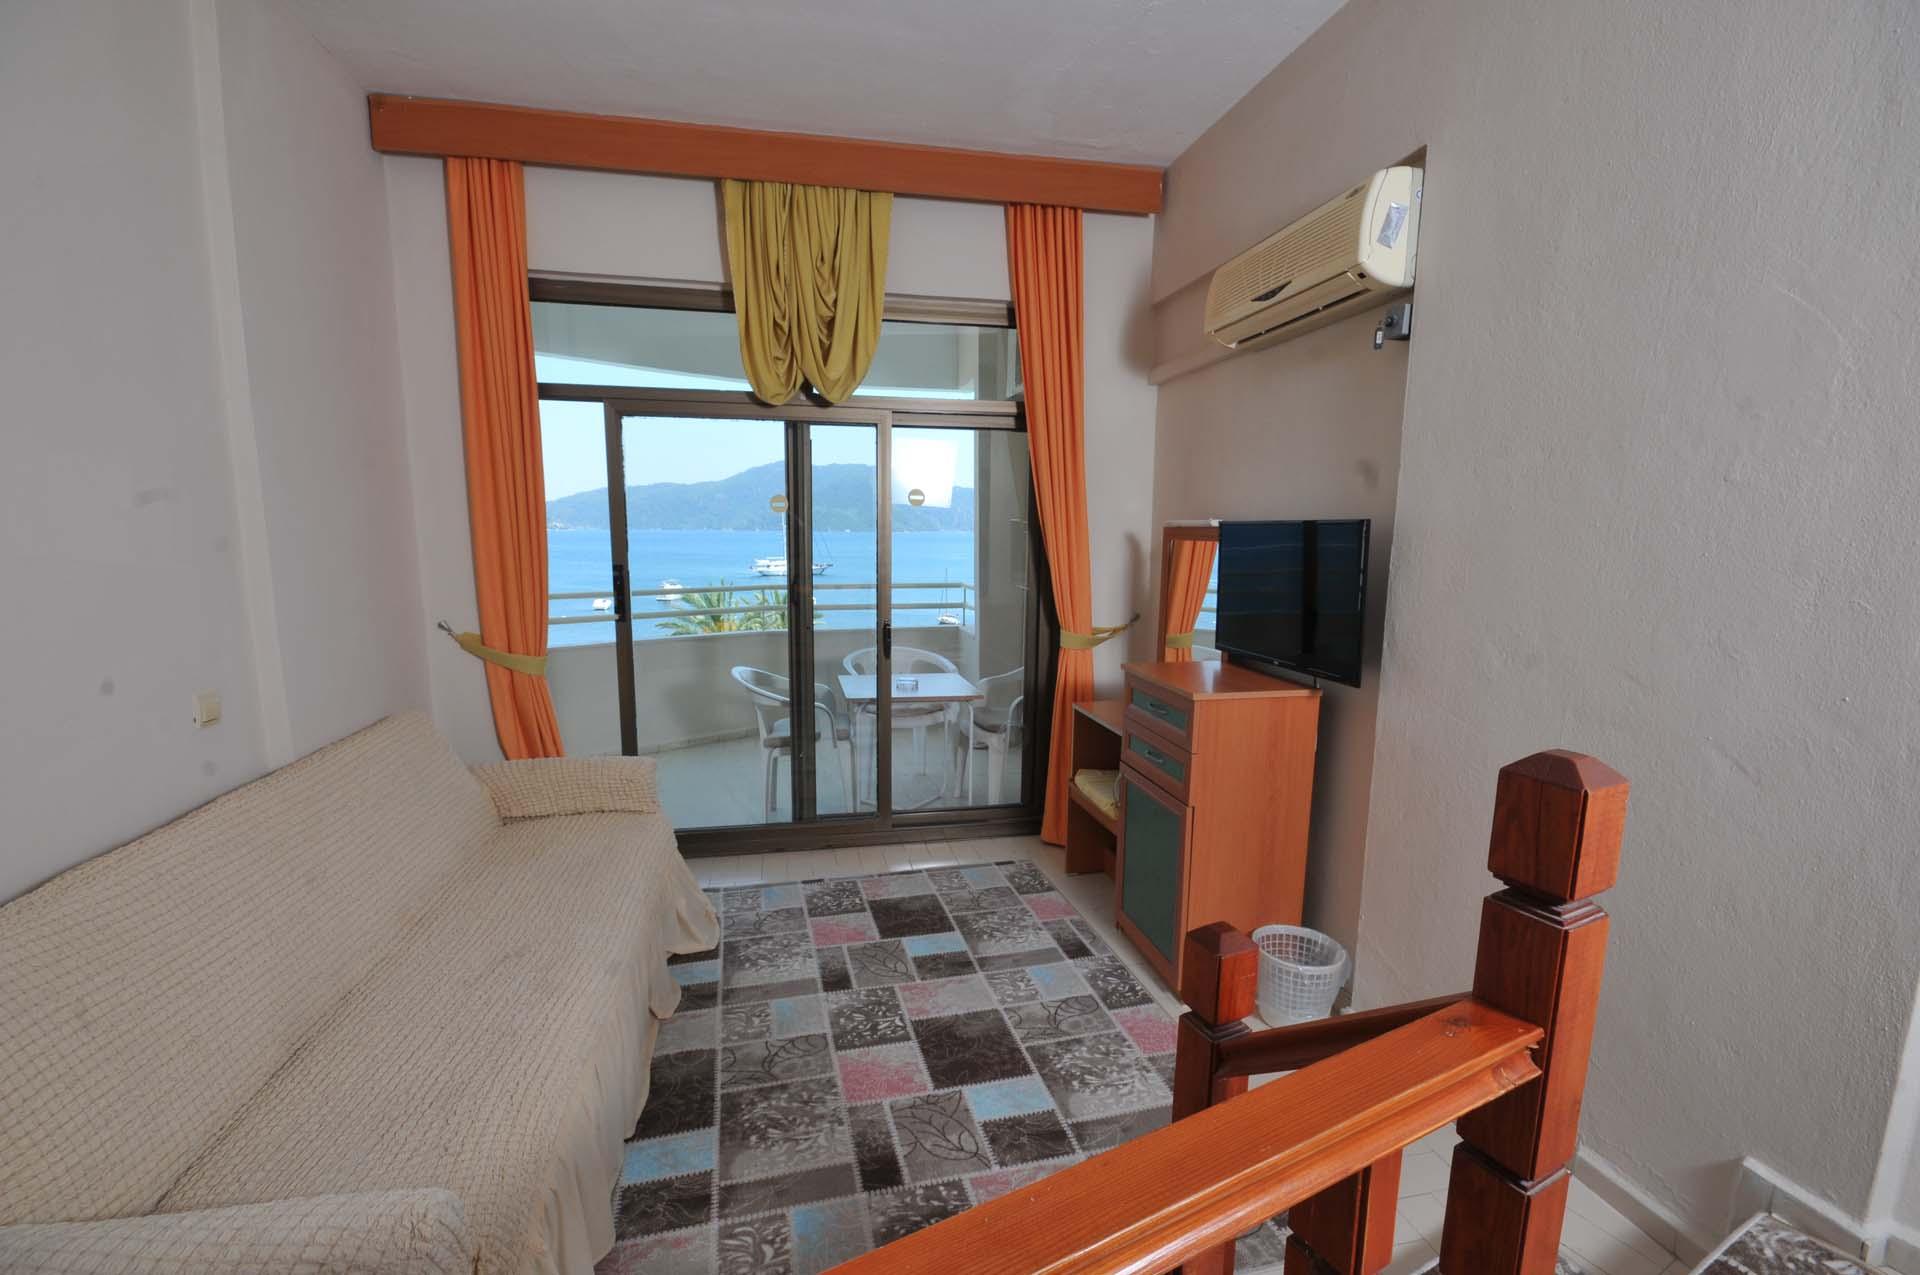 Letovanje Turska autobusom, Marmaris,Hotel Amos Marmaris soba